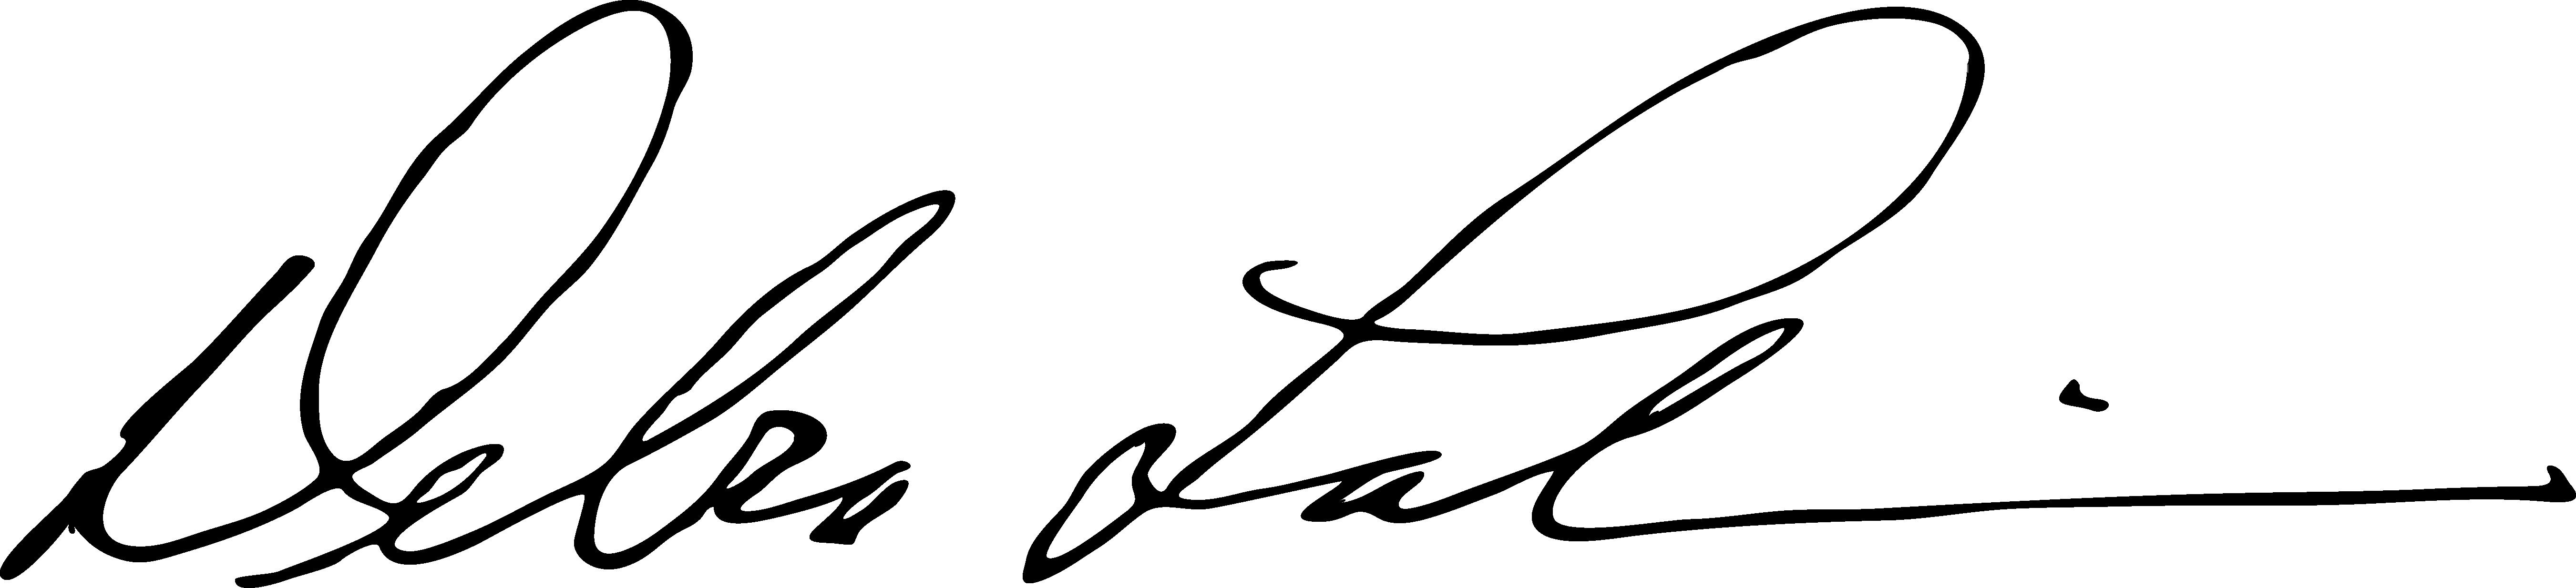 debra lalumia's Signature